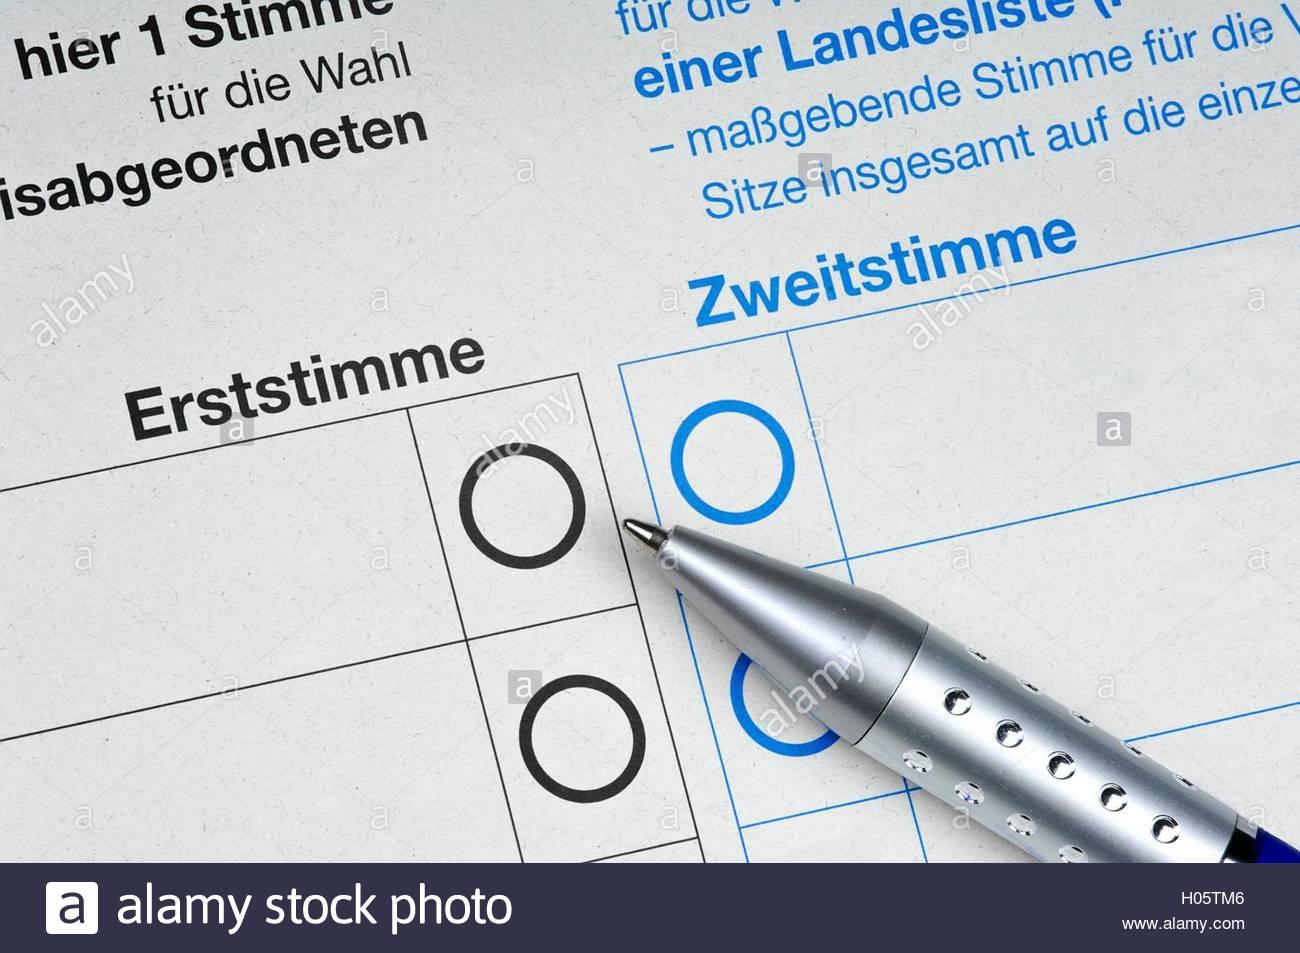 BLWX031686 [ (c) blickwinkel/McPHOTOx/Bernd Leitner Tel. +49 (0)2302-2793220, E-mail: info@blickwinkel.de, Internet: Stock Photo